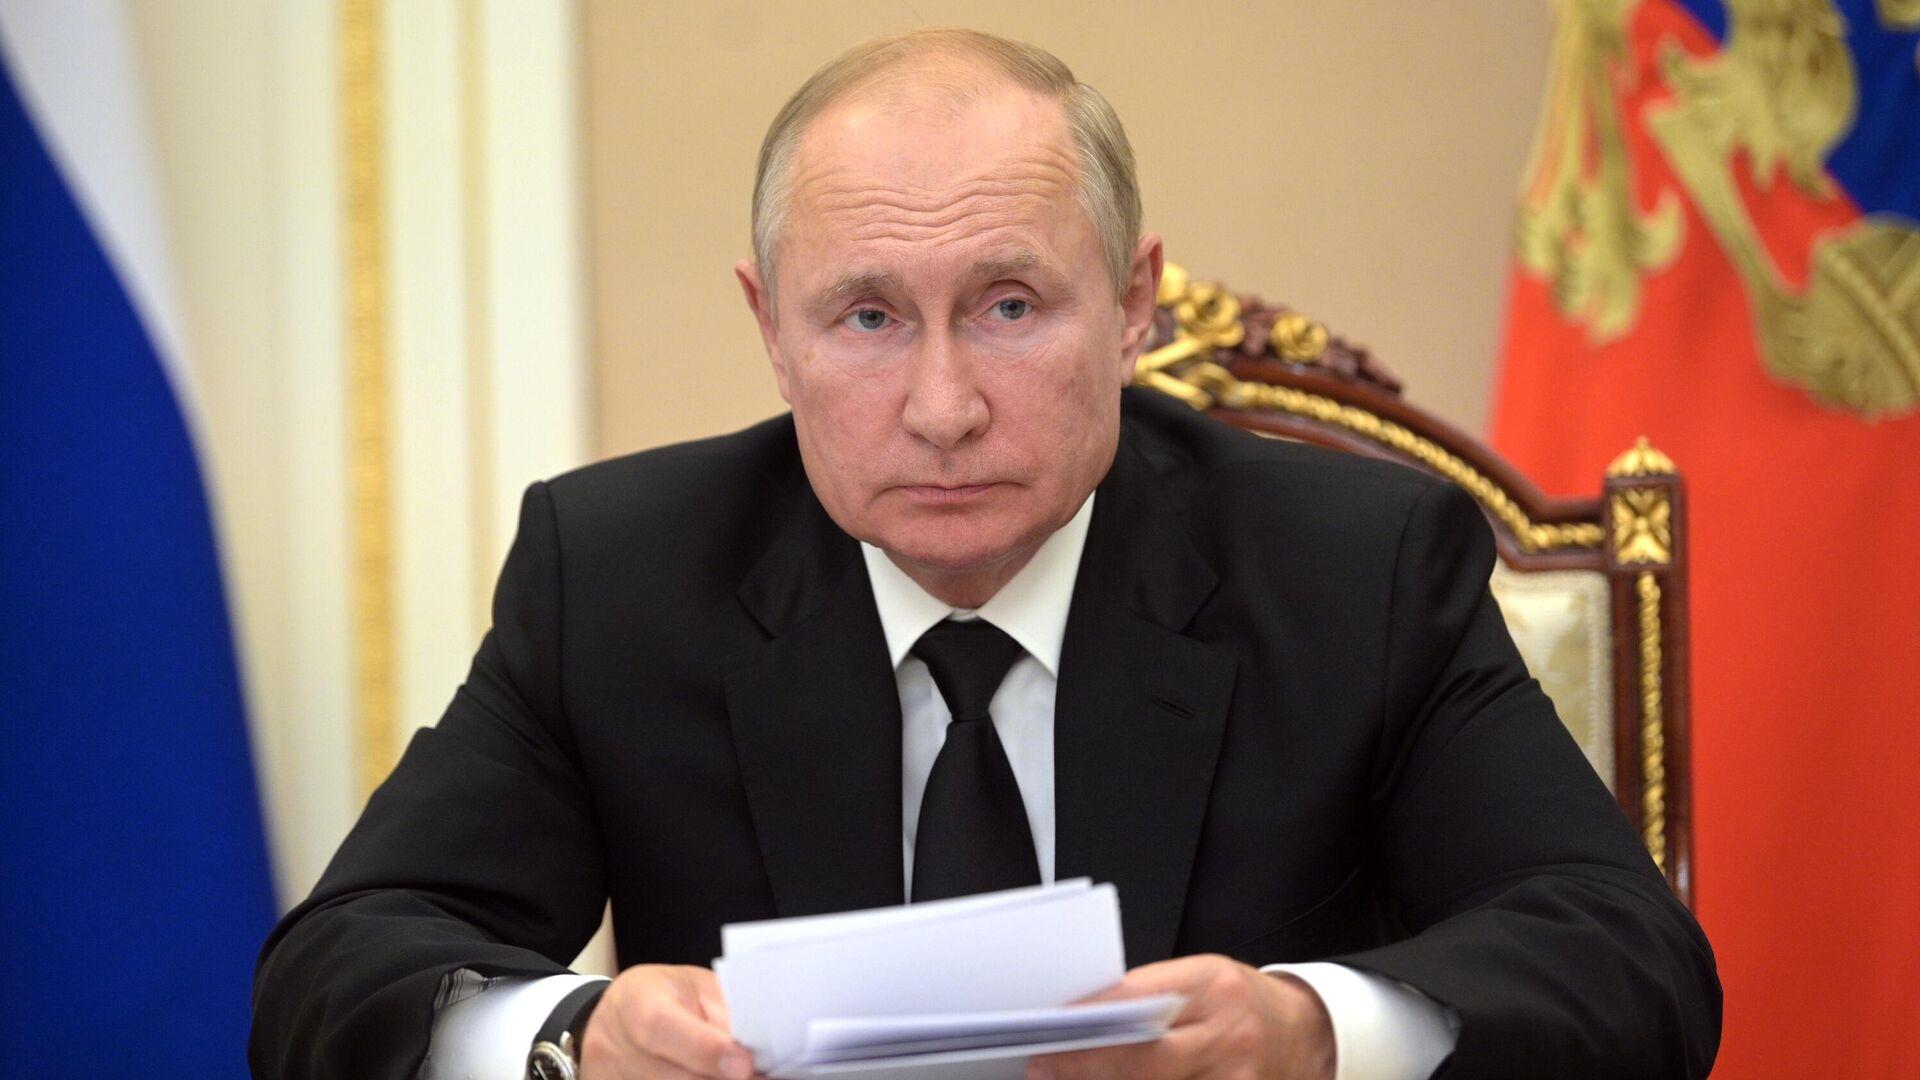 Путин в среду проведет совещание с постоянными членами Совета безопасности